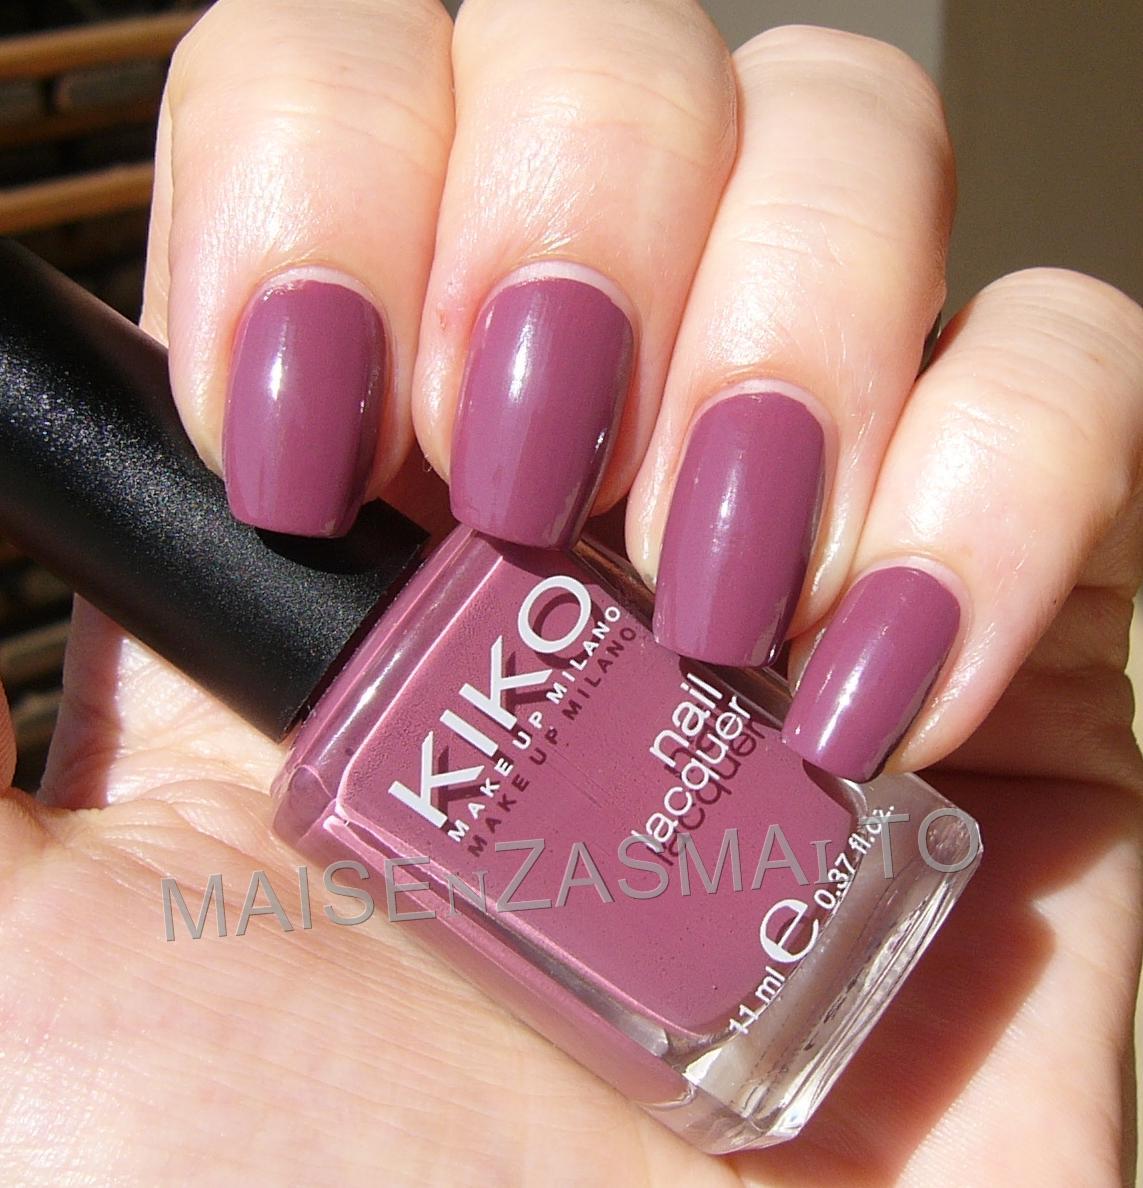 Preferenza Mai senza smalto!: NOTD: Kiko 317 Rosa Antico Scuro DN27